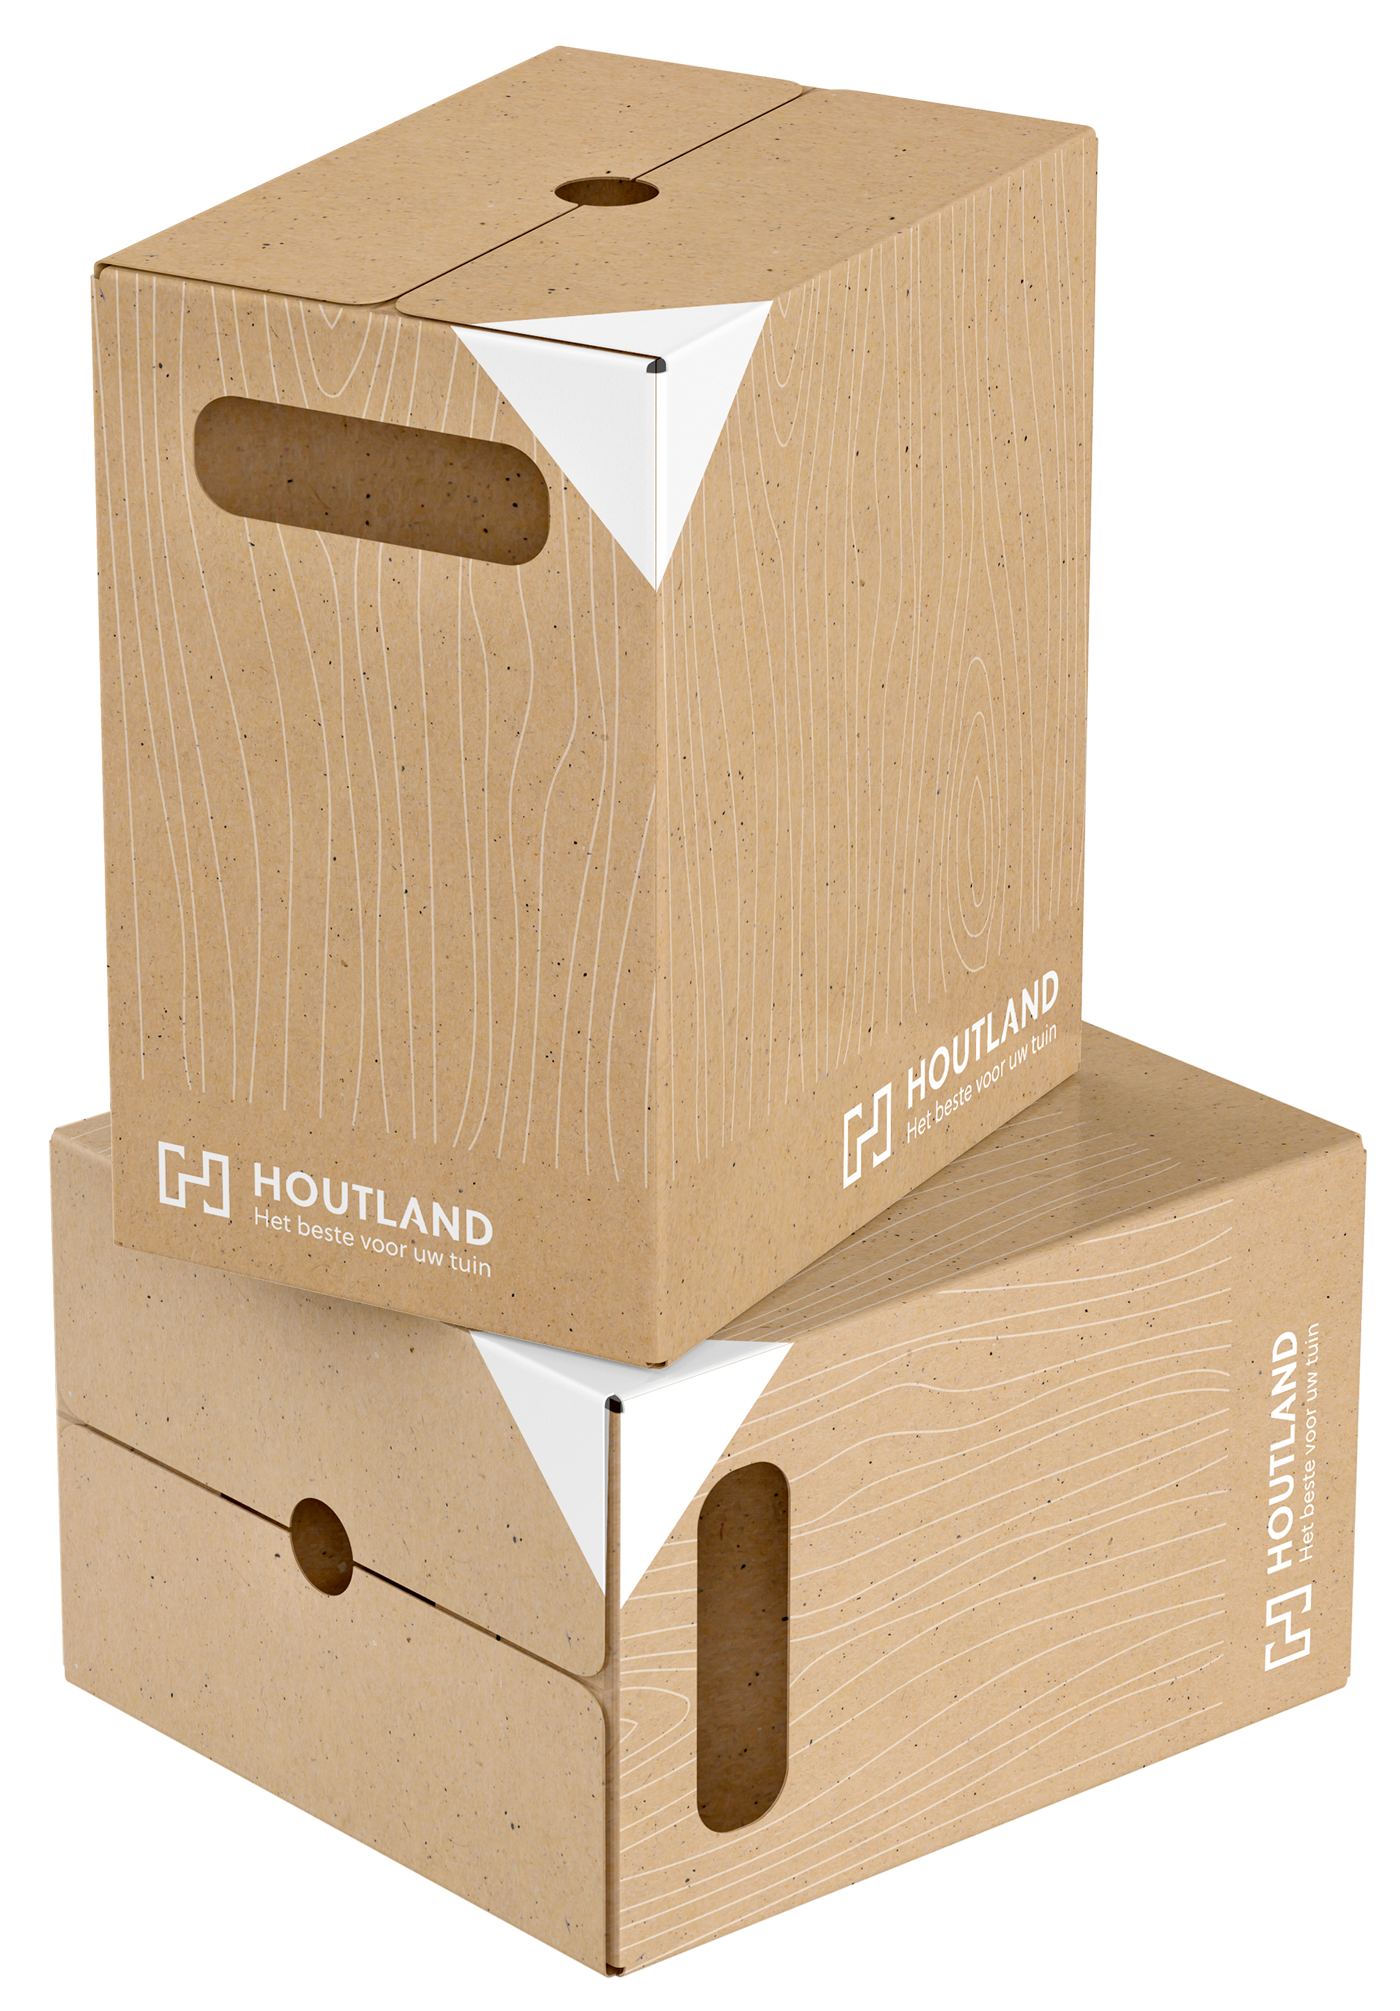 ontwerp verpakking kartonnen doos